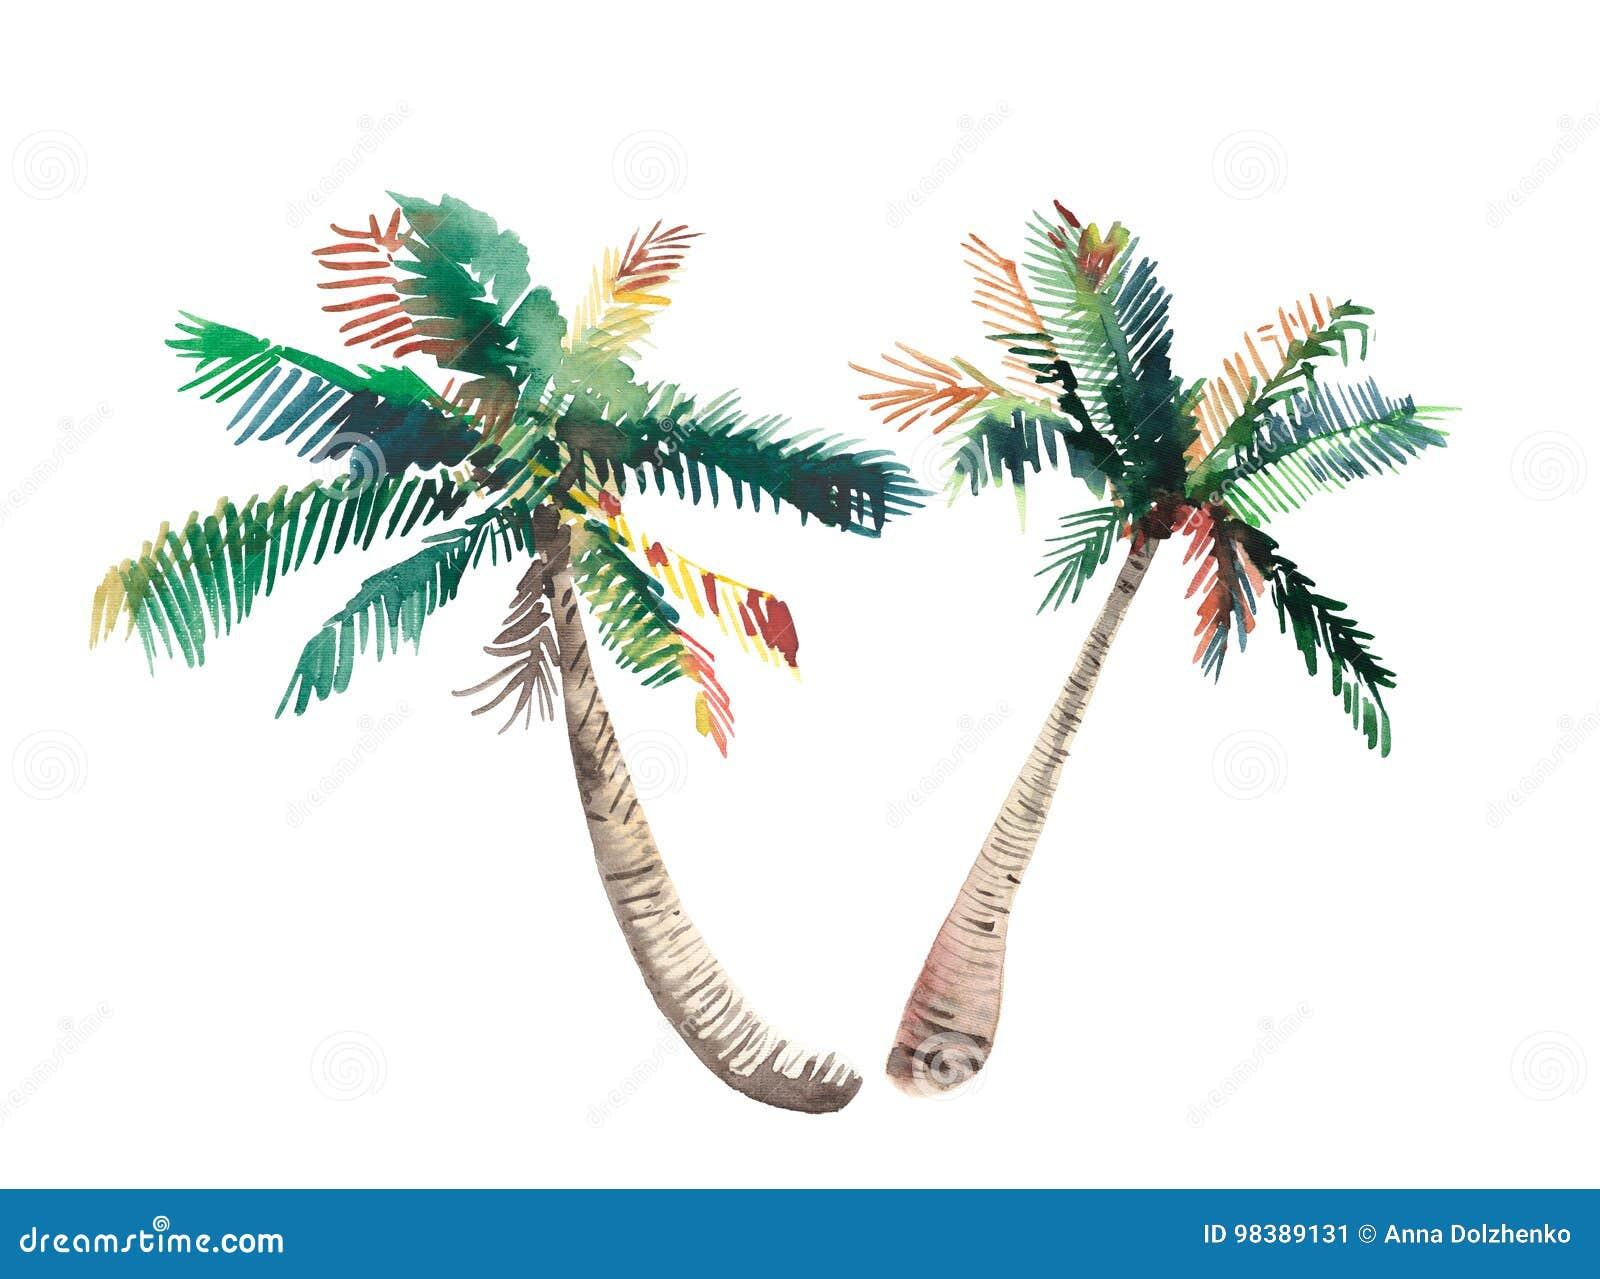 De mooie heldere leuke groene tropische mooie prachtige bloemen kruidenzomer twee van Hawaï de handschets van de palmenwaterverf